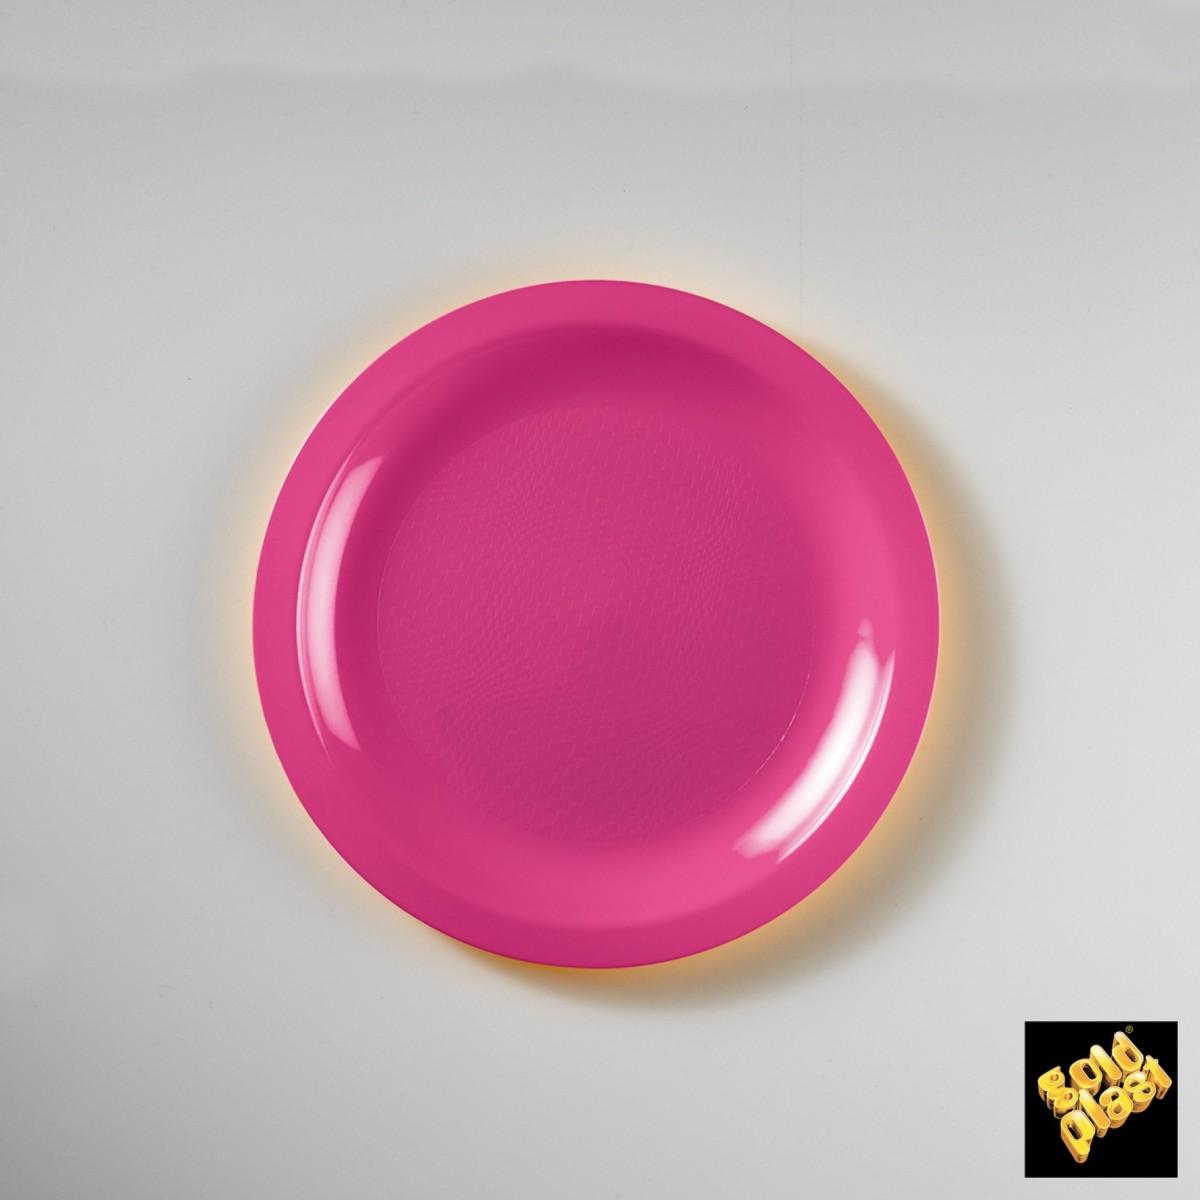 Piatto da Dessert in Plastica Colorato Diam. Cm.18,5 Confezione 50 Pezzi Fuxia